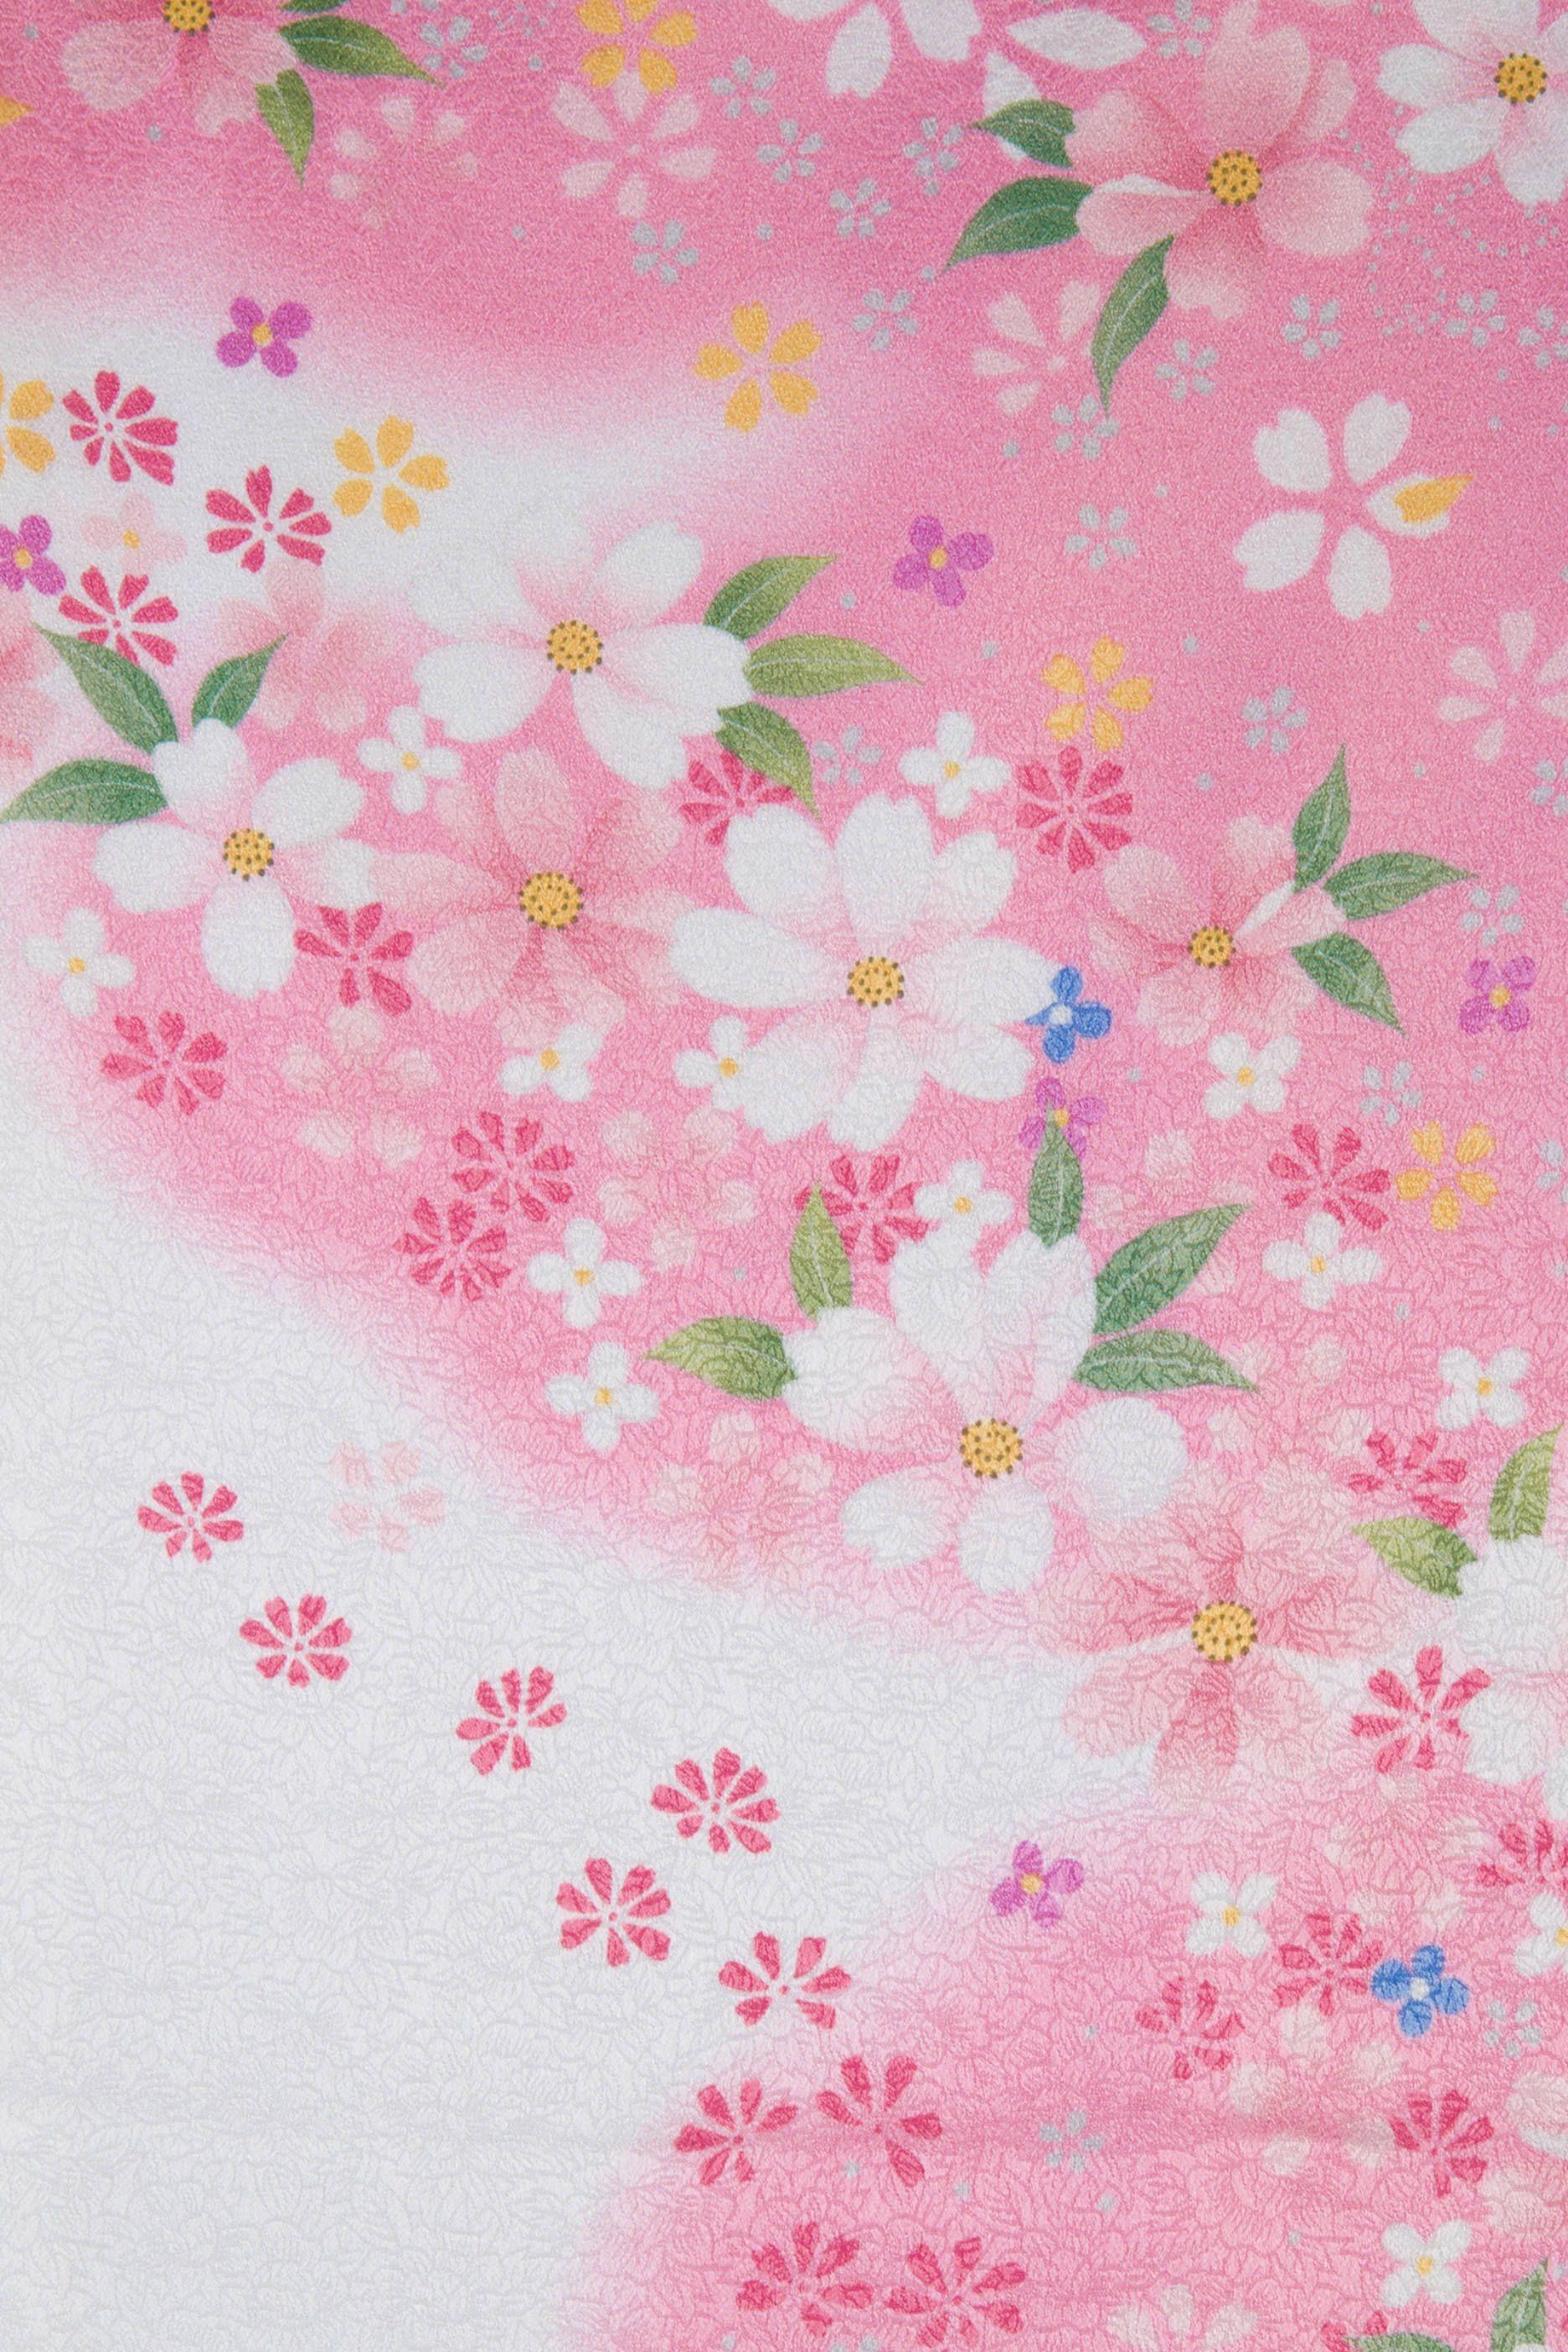 着物 no:817 商品名:白ピンク 小花ちらし | japanese prints